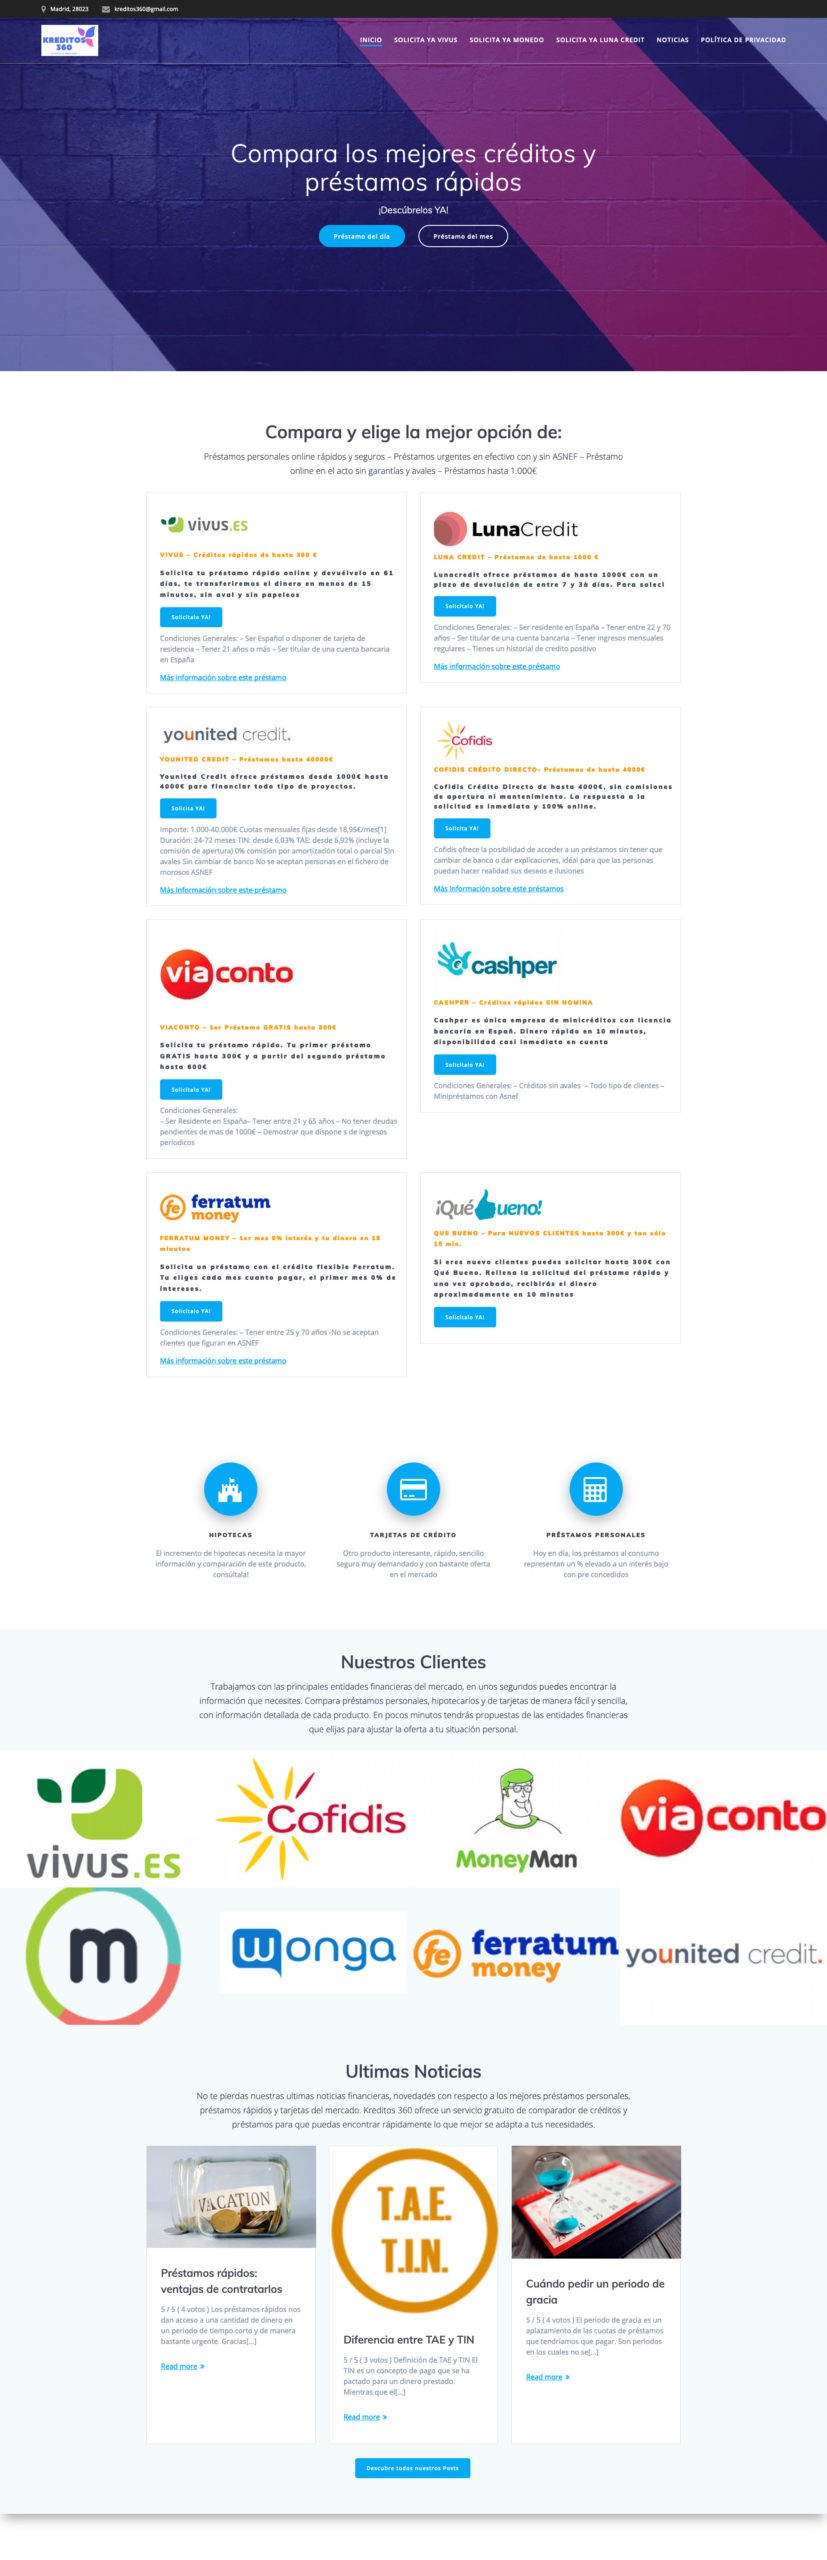 Screenshot_2019-11-19 Noticias - Comparador de préstamos y creditos